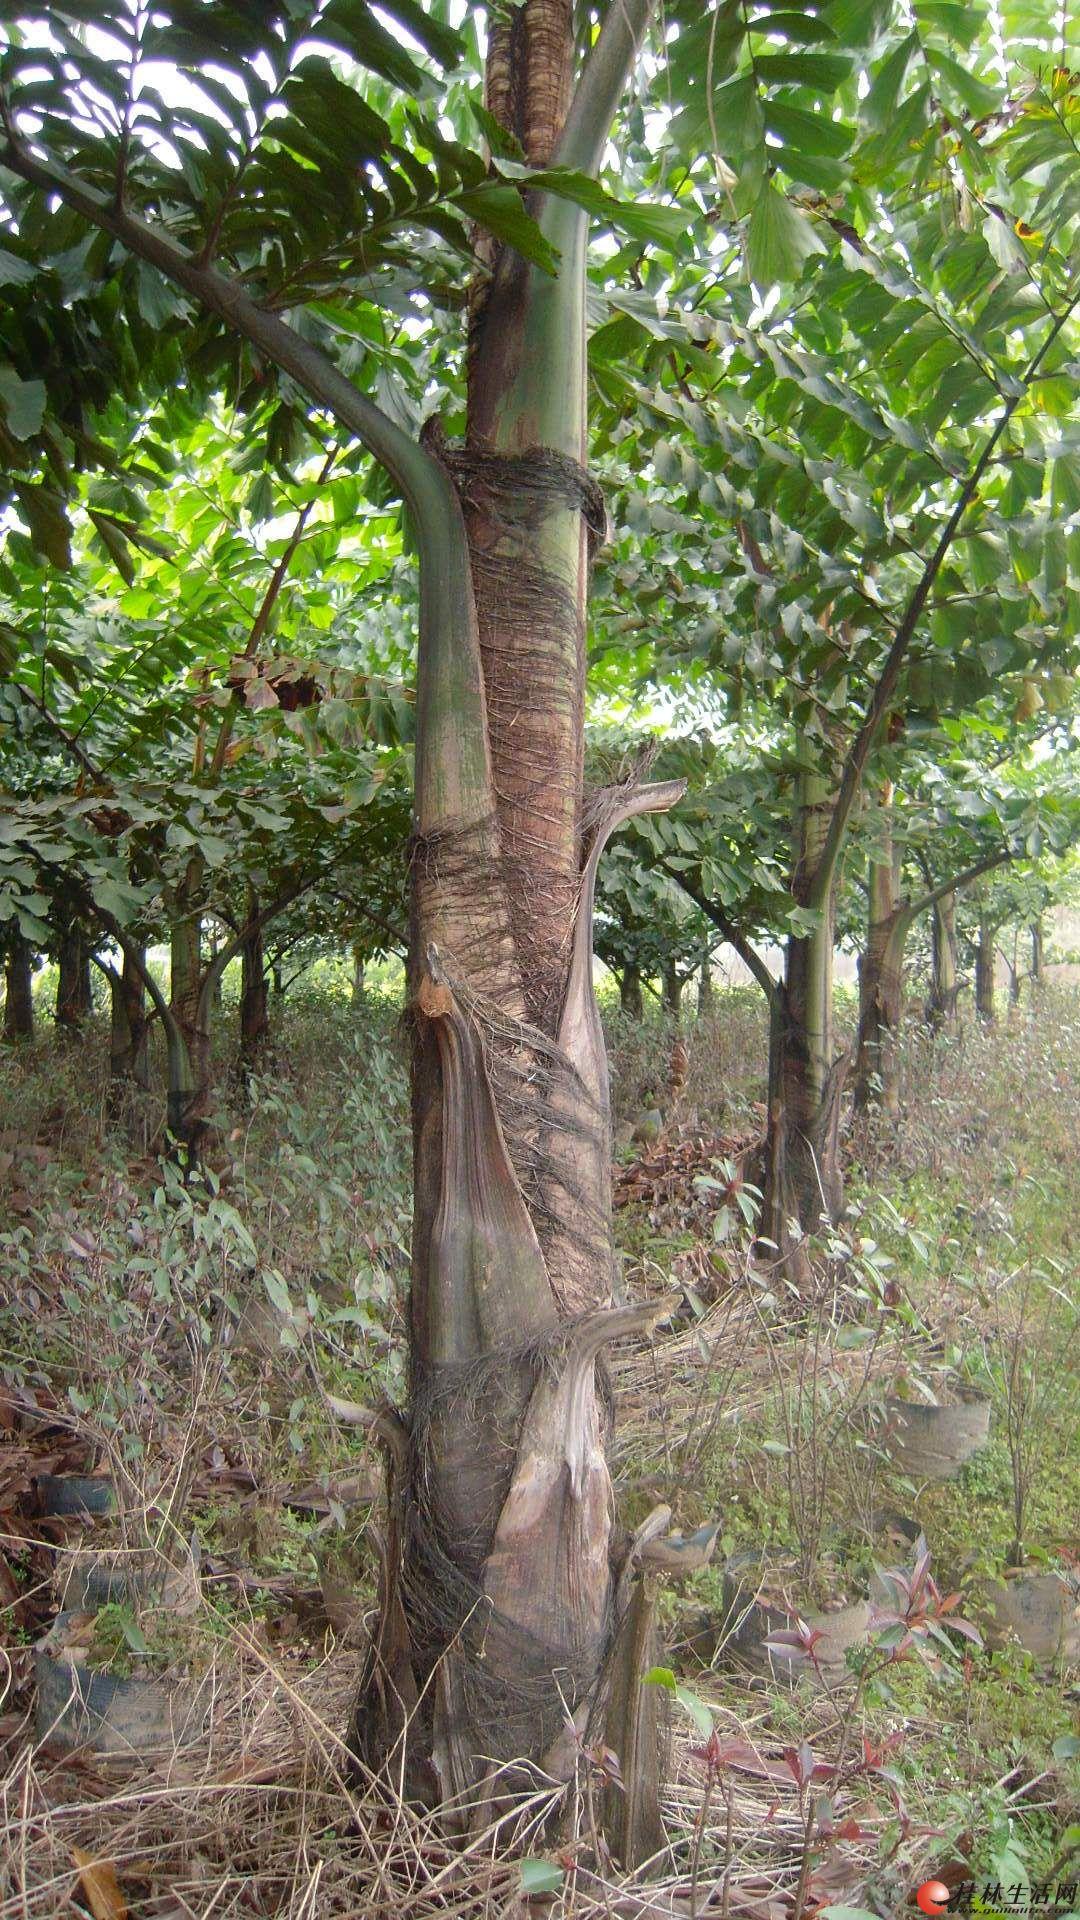 董棕树出售,春天绿化好消息